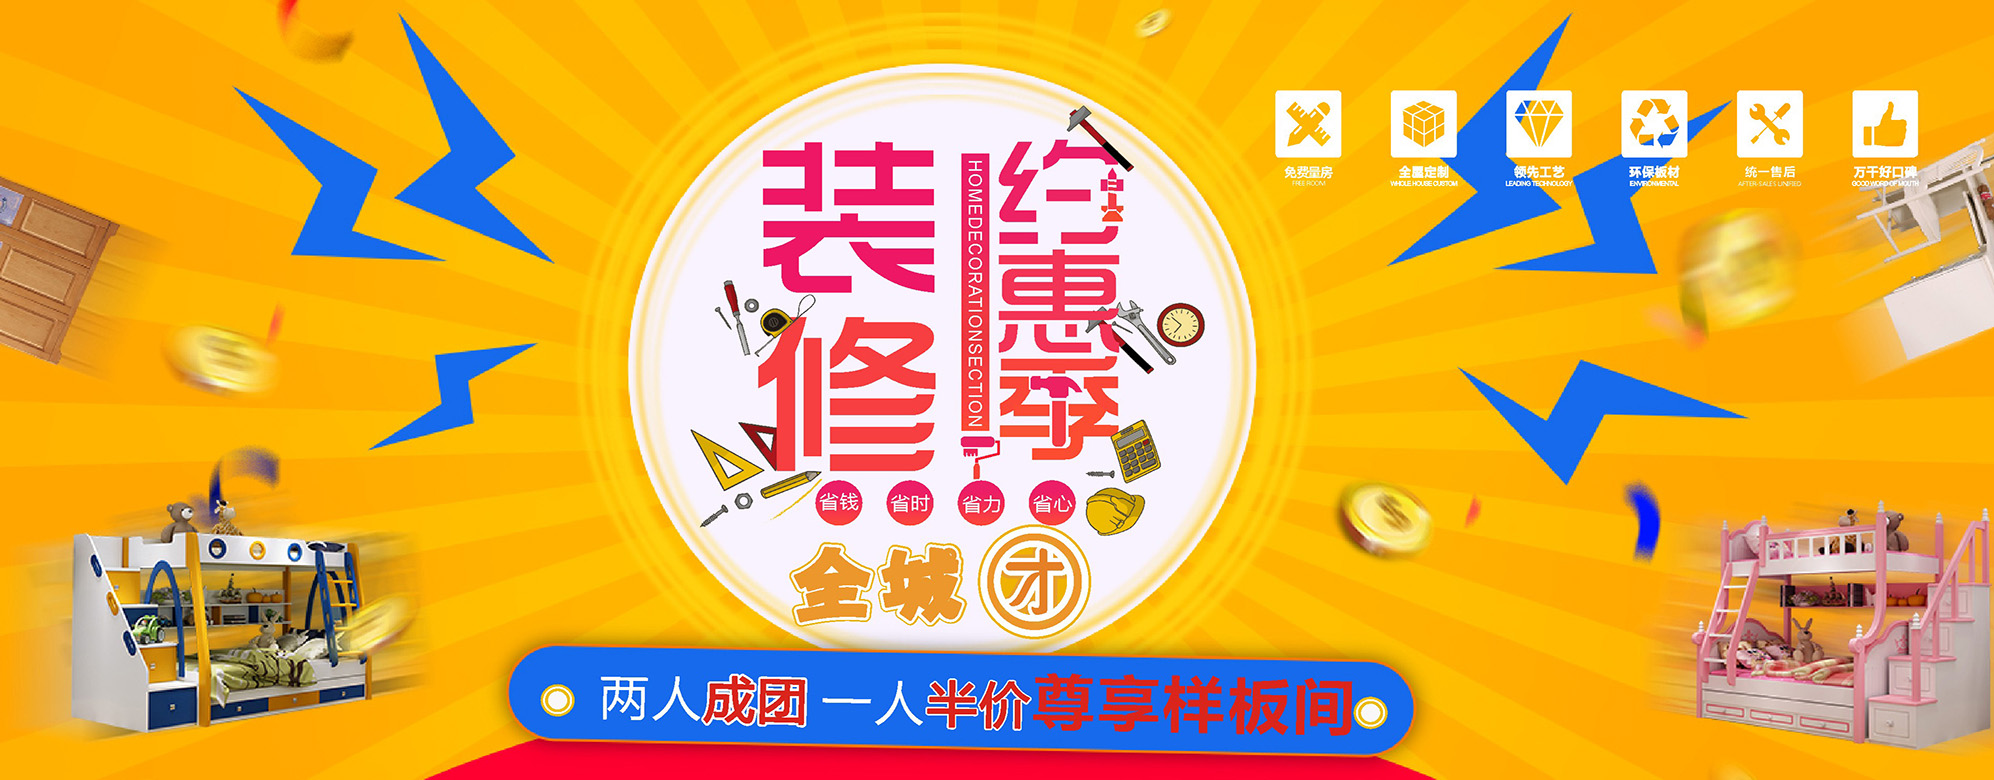 7月钜惠特别推出:洛城团,购实惠